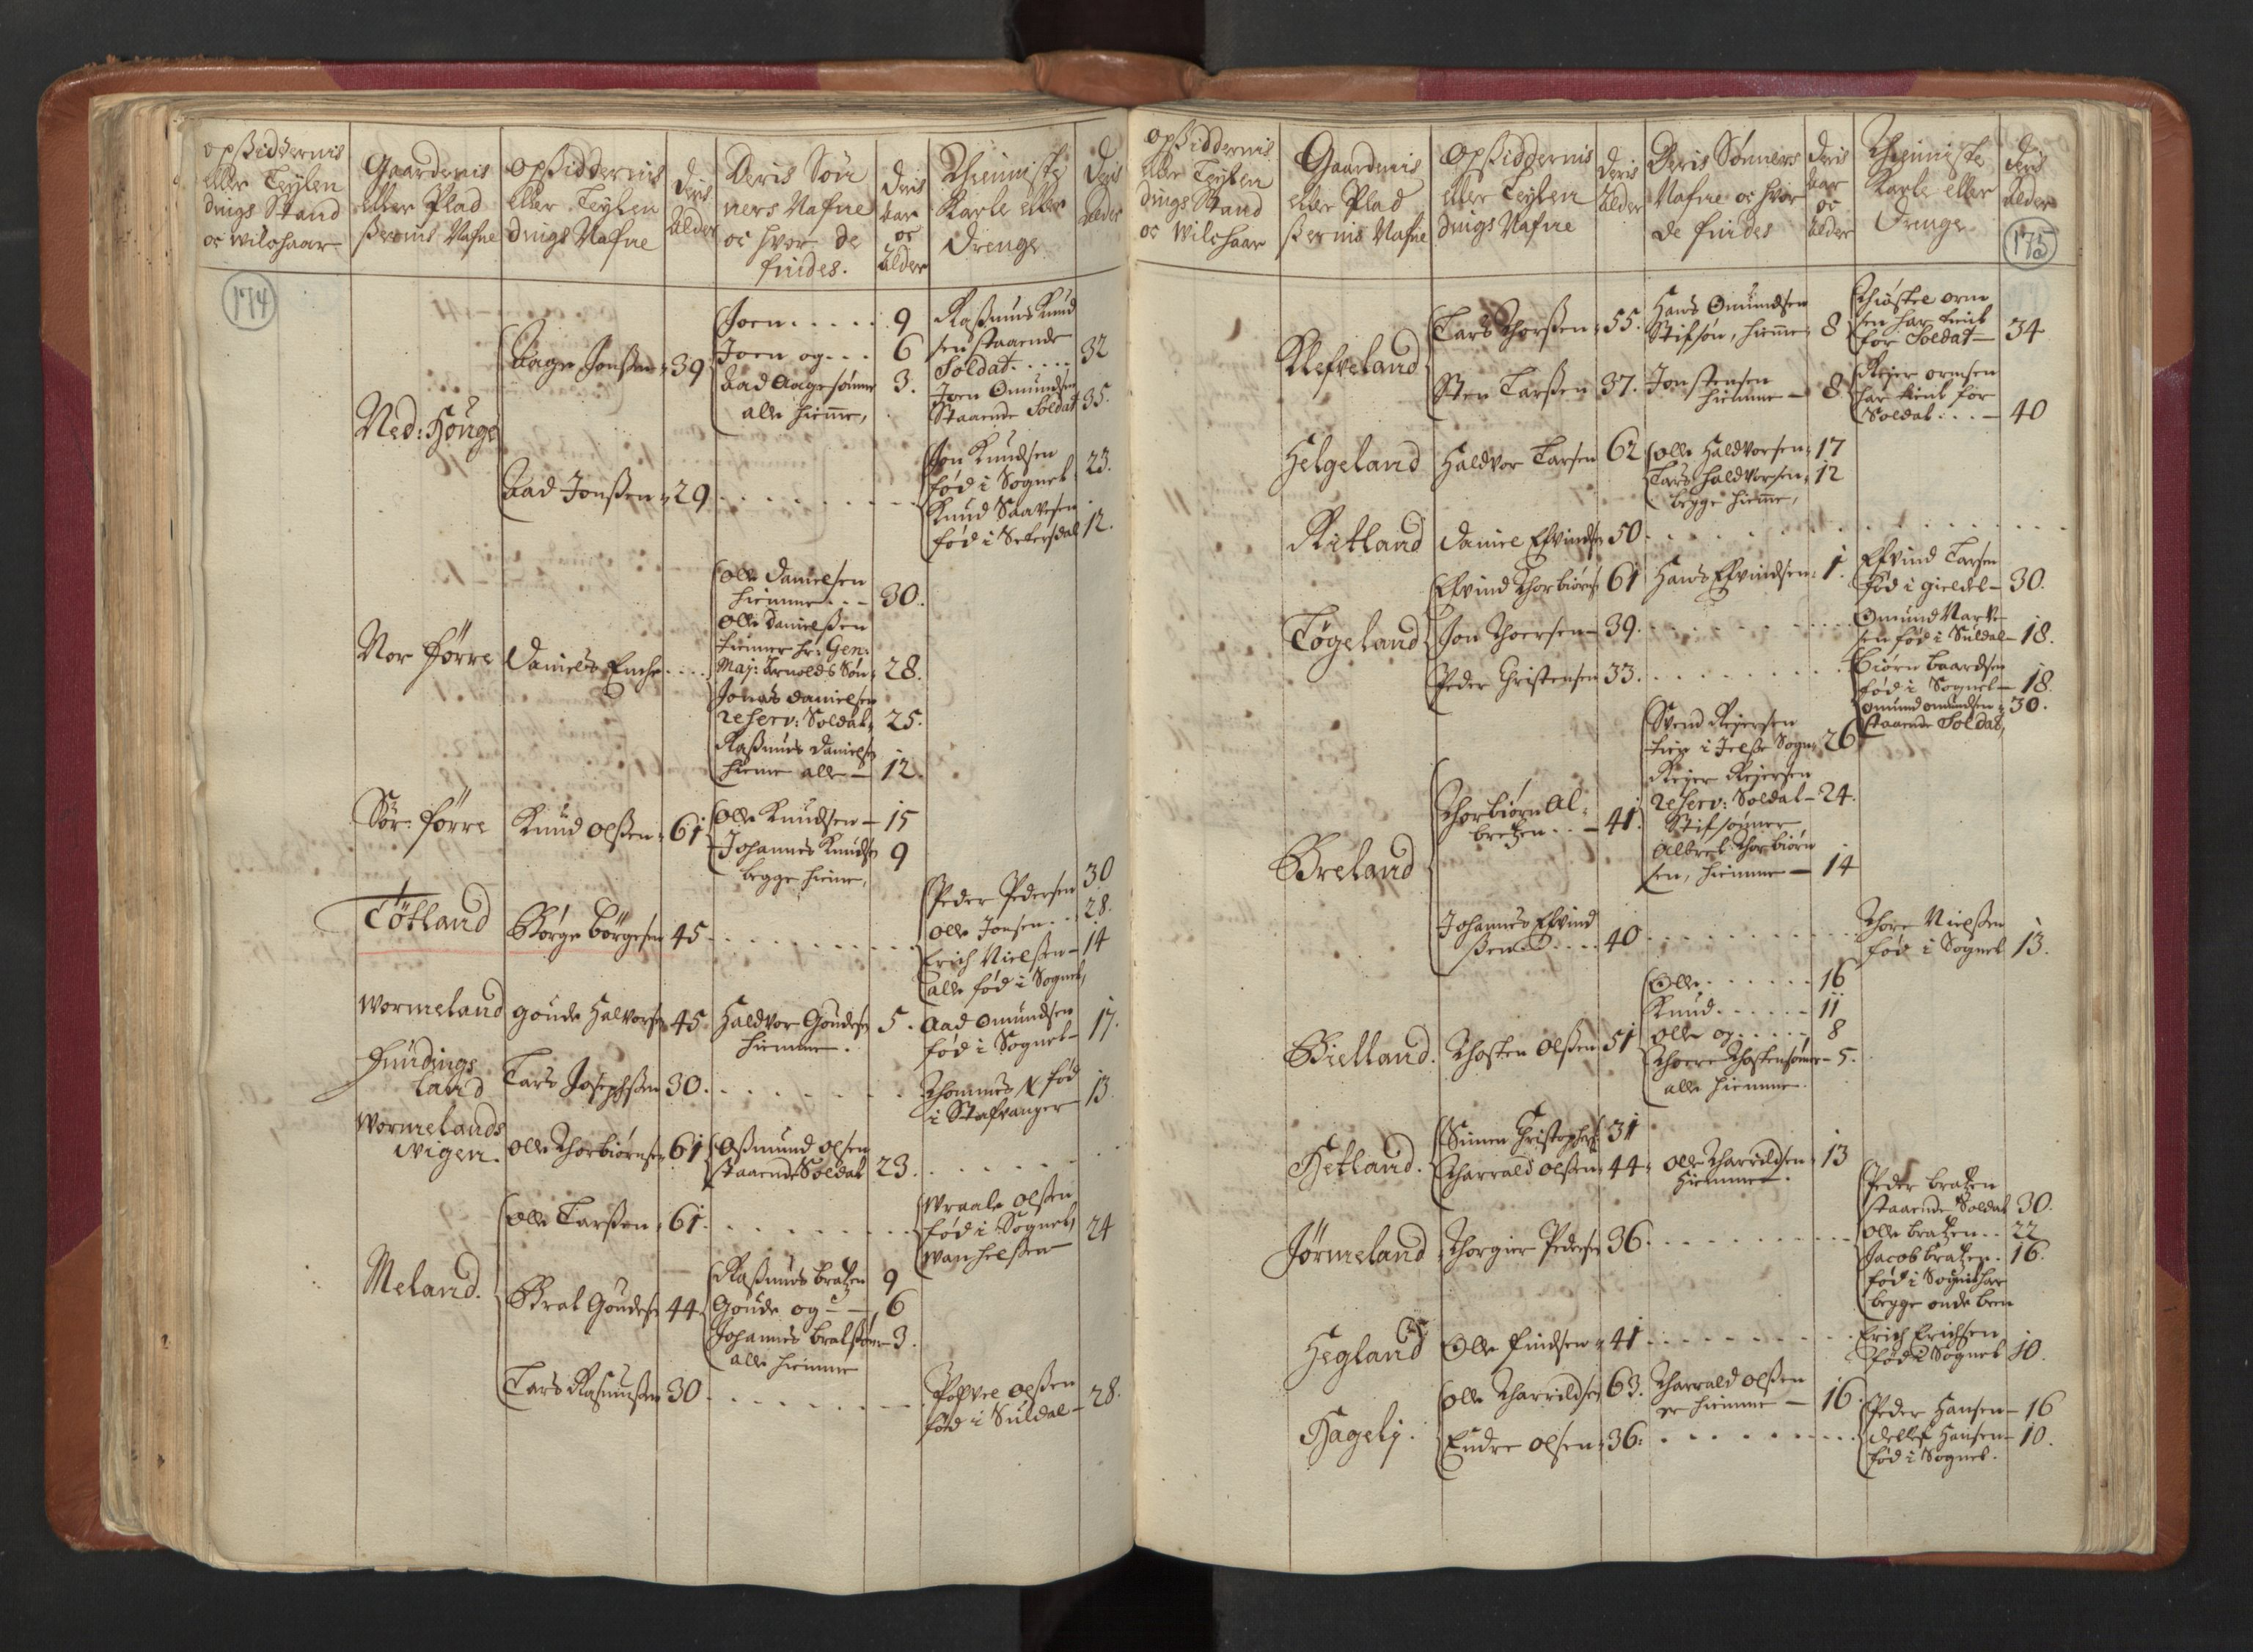 RA, Manntallet 1701, nr. 5: Ryfylke fogderi, 1701, s. 174-175